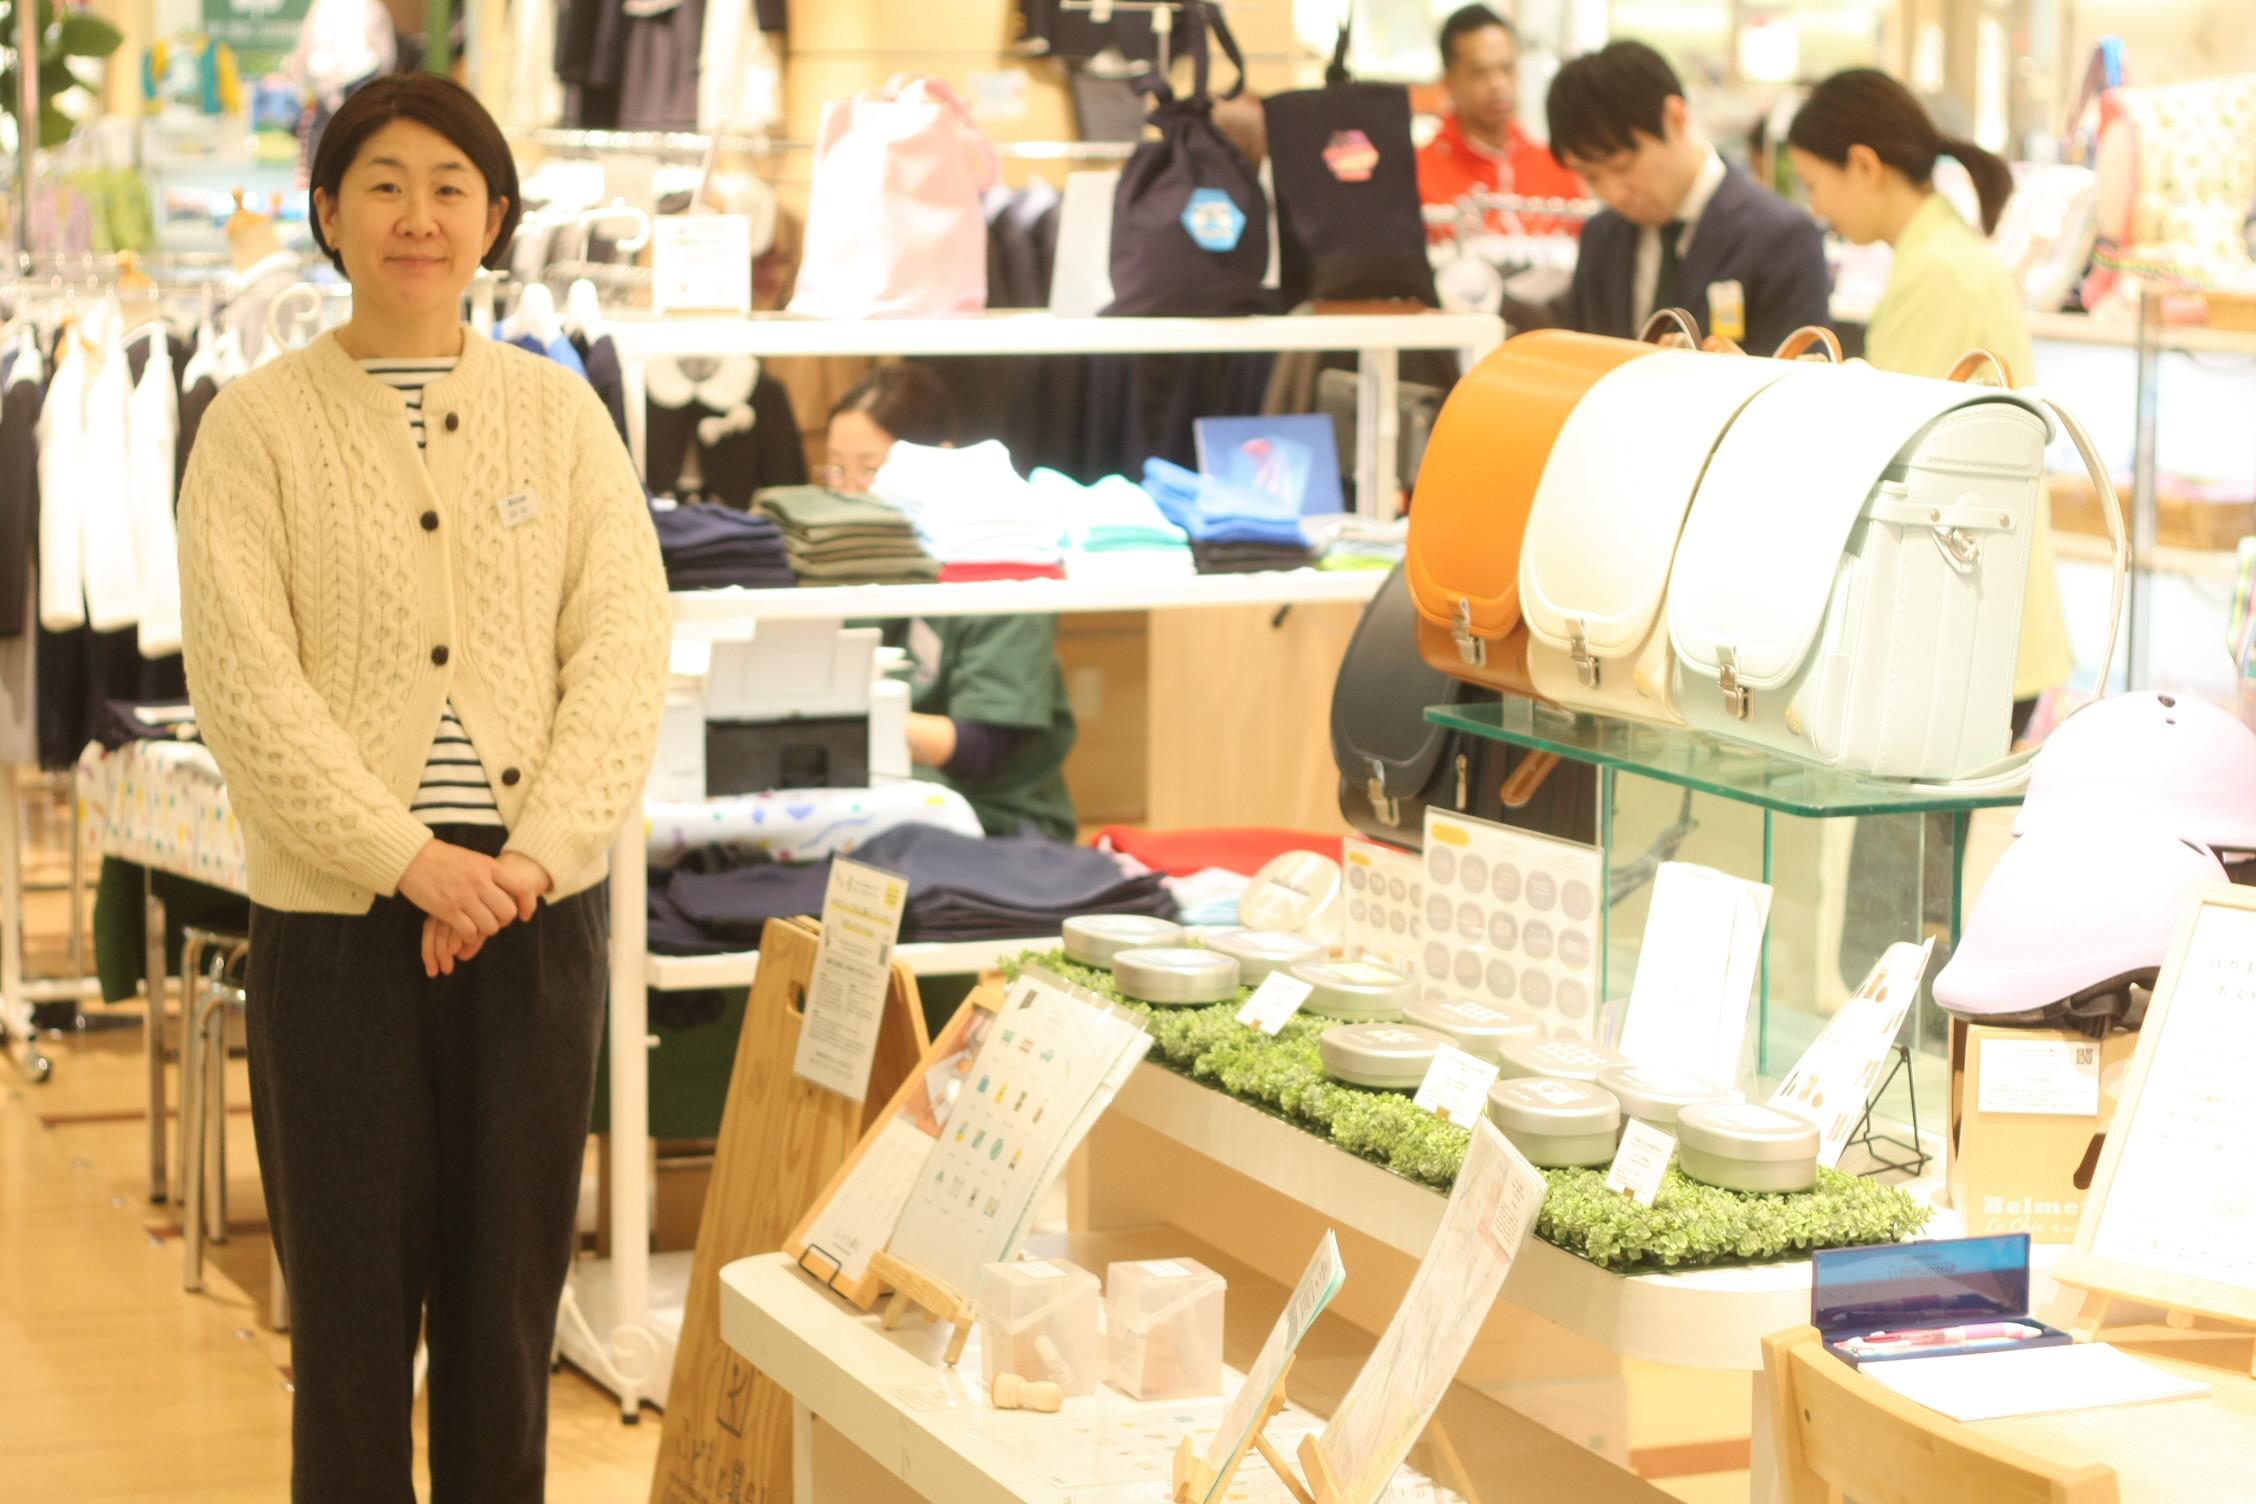 伊勢丹浦和店できなこさんとこどもと暮らしが一緒につくったランドセル「ずっと」のお披露目会を開催中